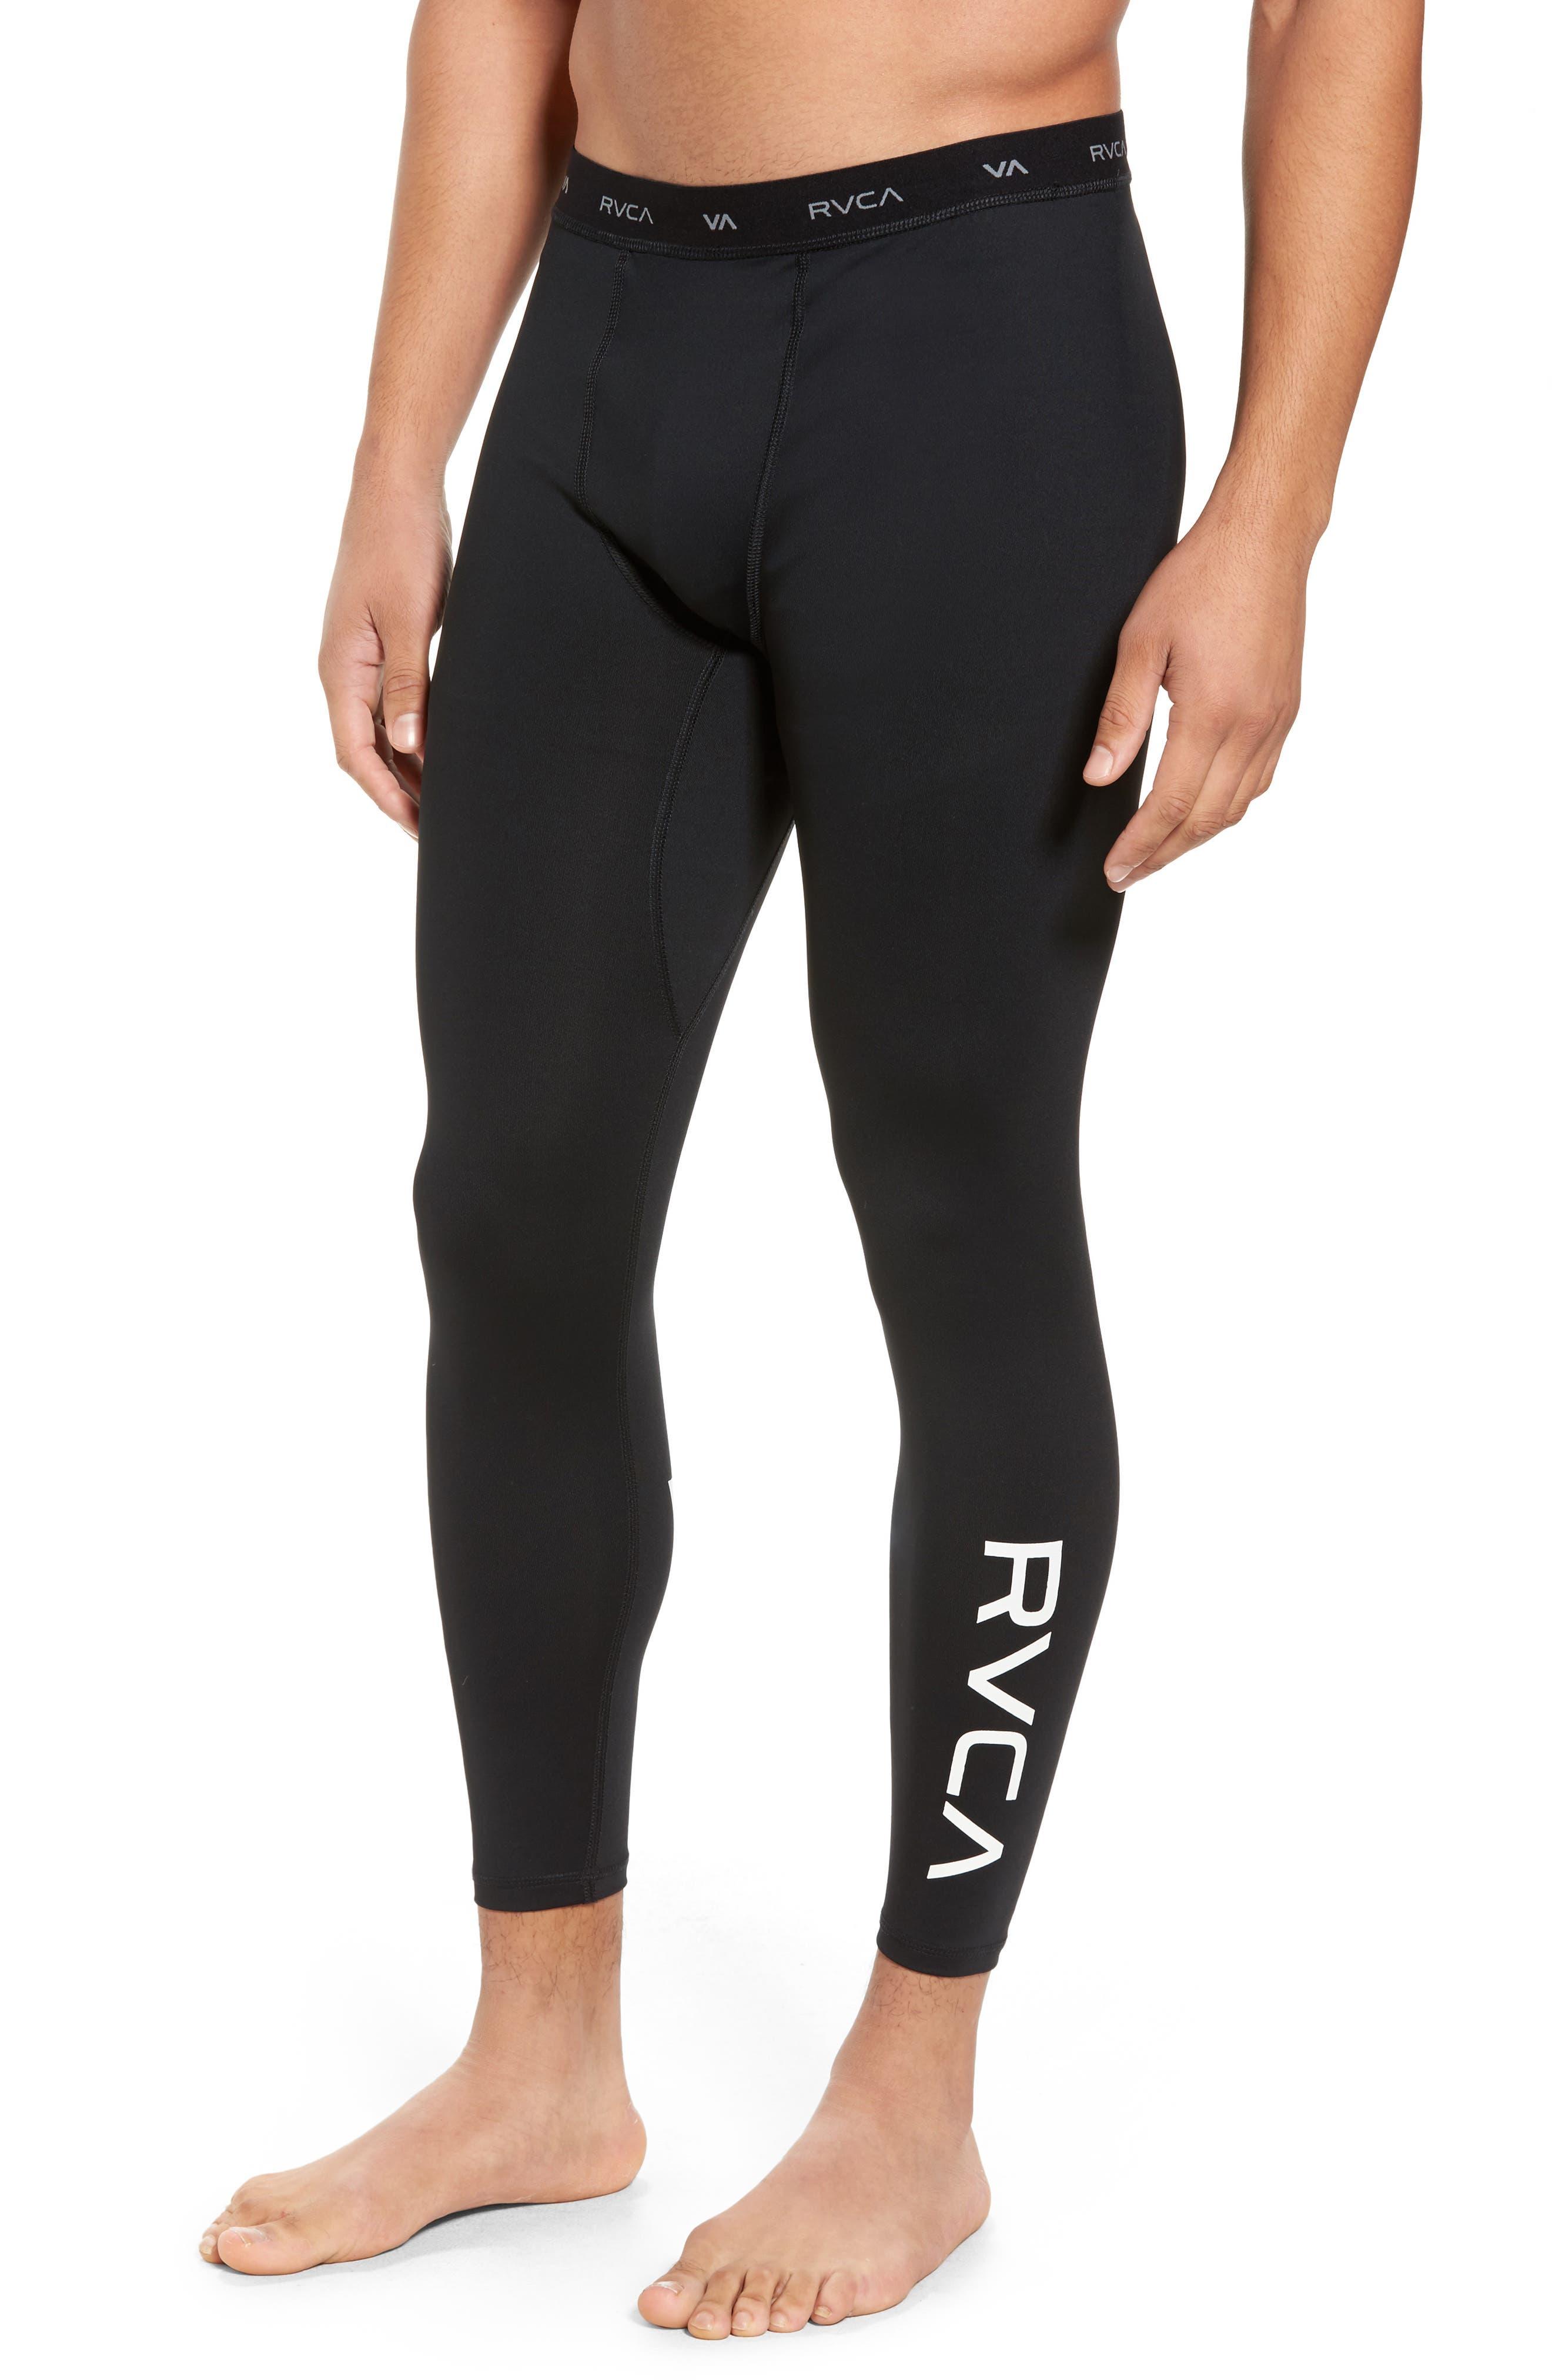 Main Image - RVCA VA Sport Compression Pants